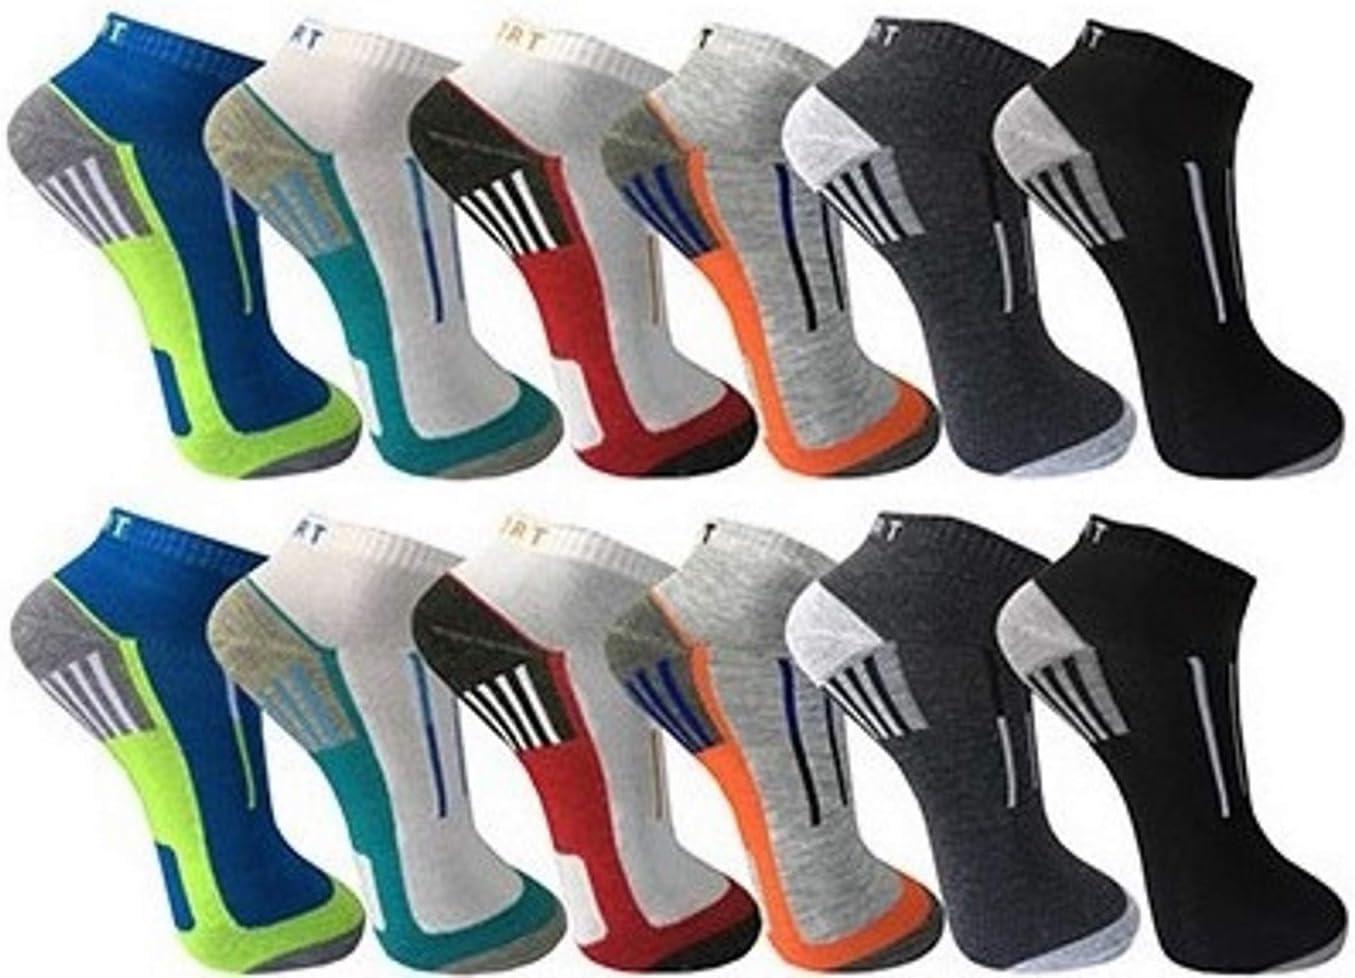 BestSale247 12 Paar Herren Sport Freizeit Sneaker Socken F/ü/ßlinge Baumwolle 39-42 ; 43-46